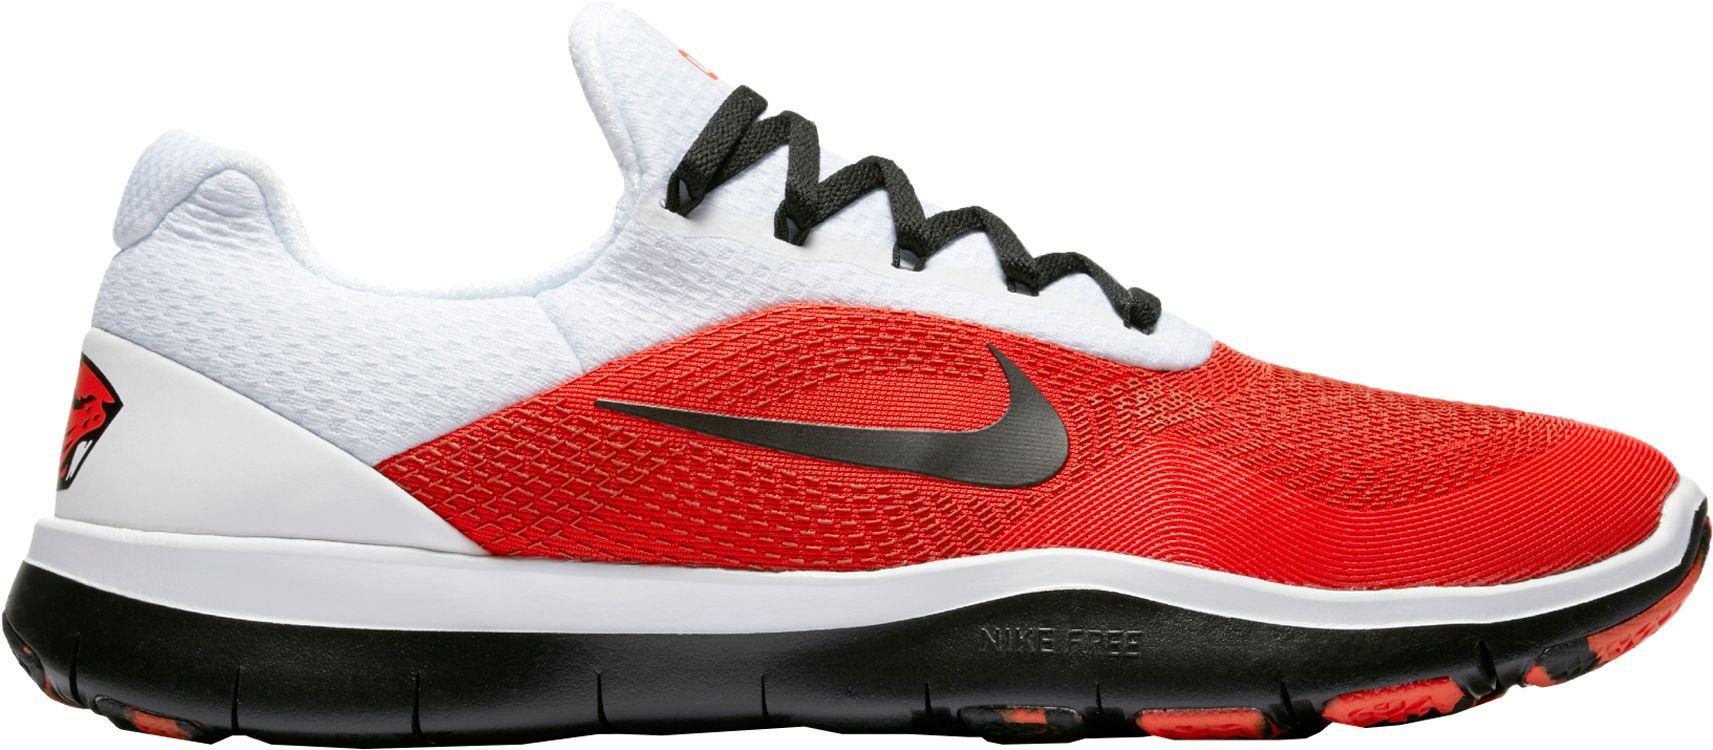 nike free trainer v7 week zero (oregon) training shoe